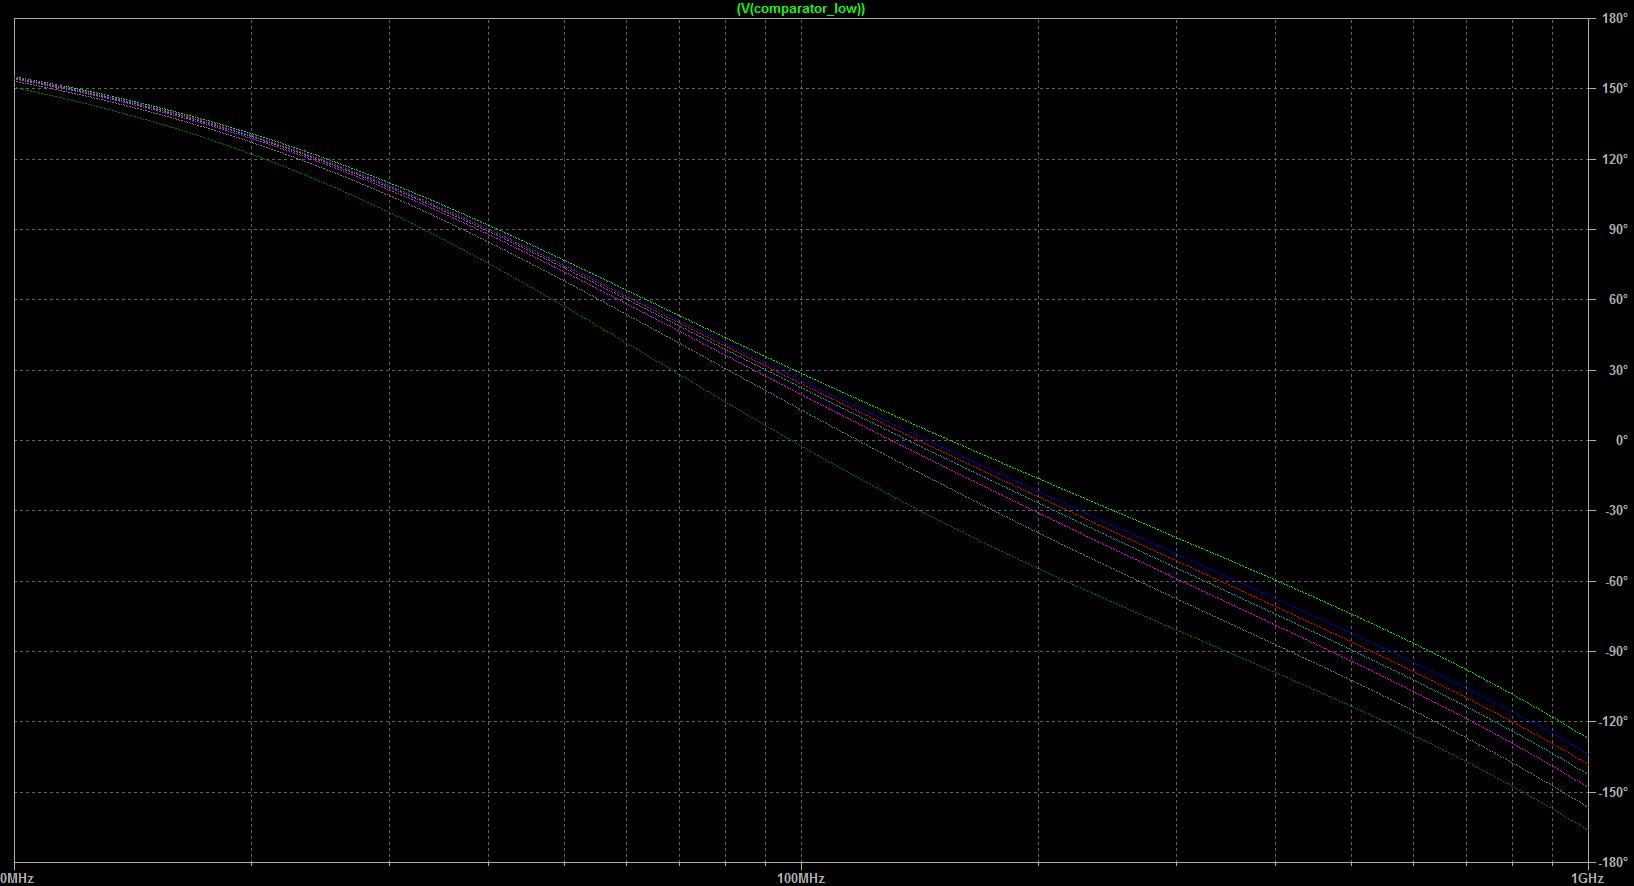 Entfernungsmessung Mit Funk : Entfernungsmessung mit funk präzise radar